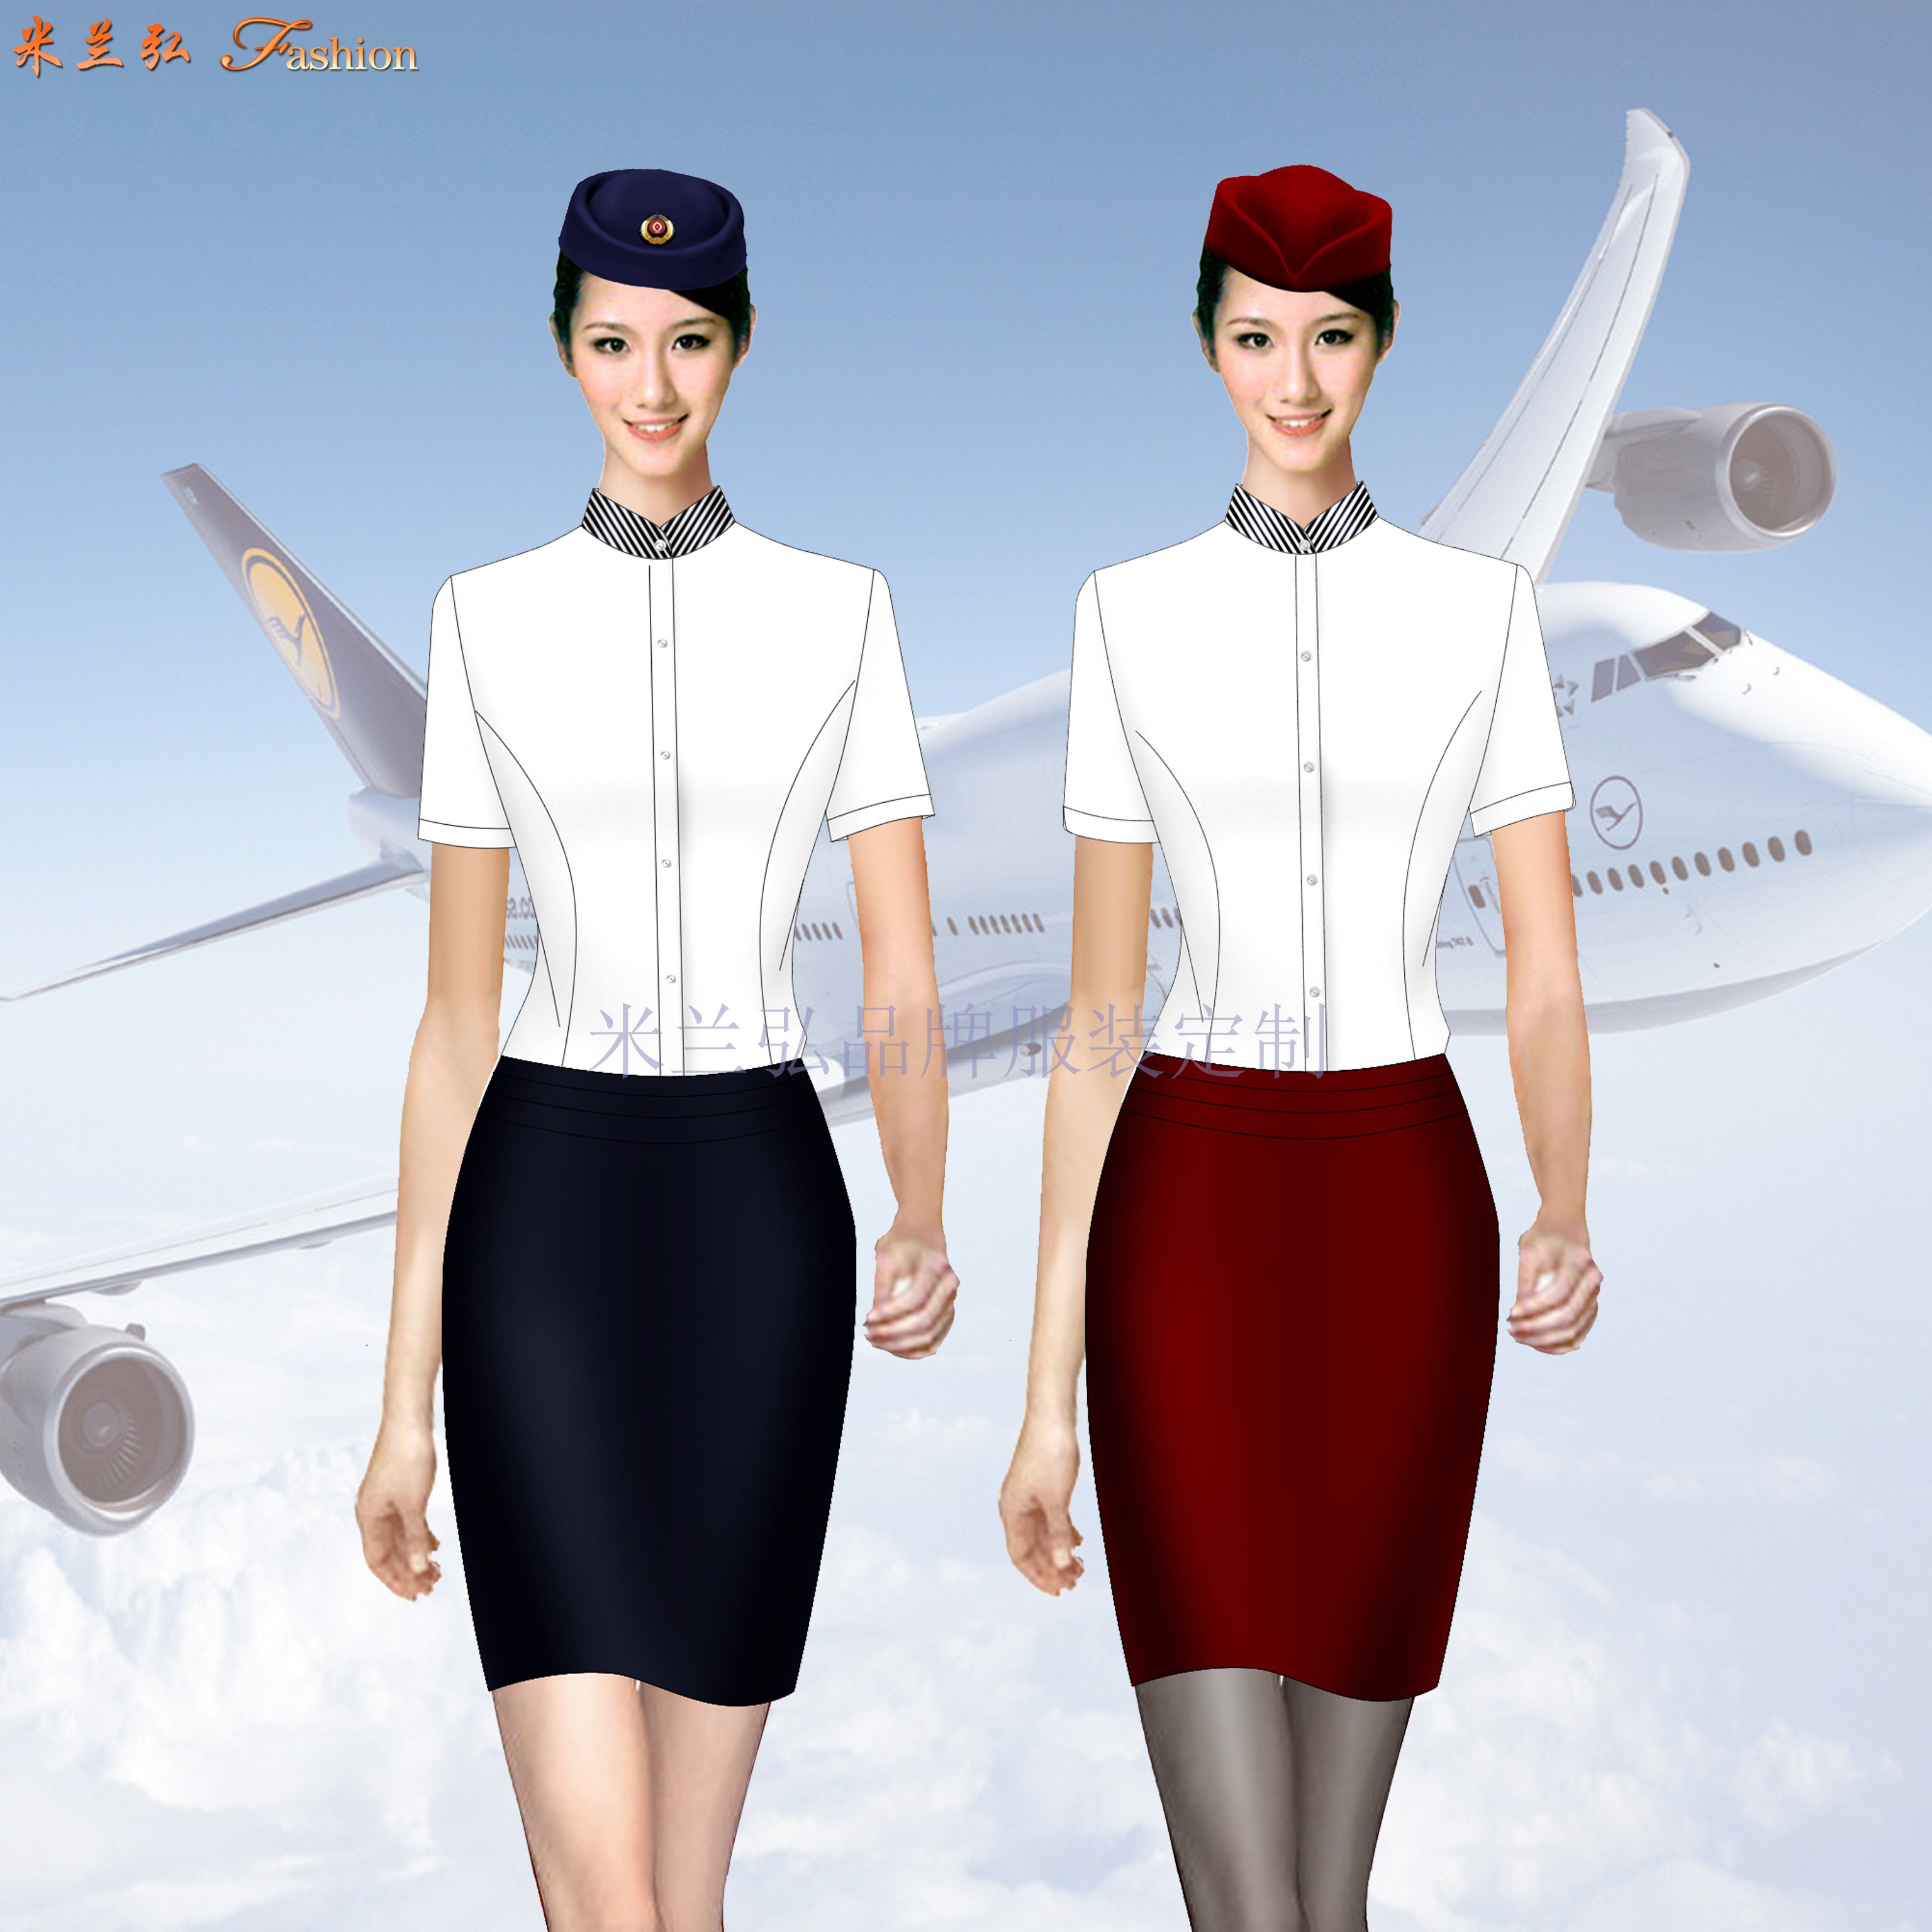 「短袖修身空姐服款式」「短袖靚麗空姐服圖片」-米蘭弘服裝-3